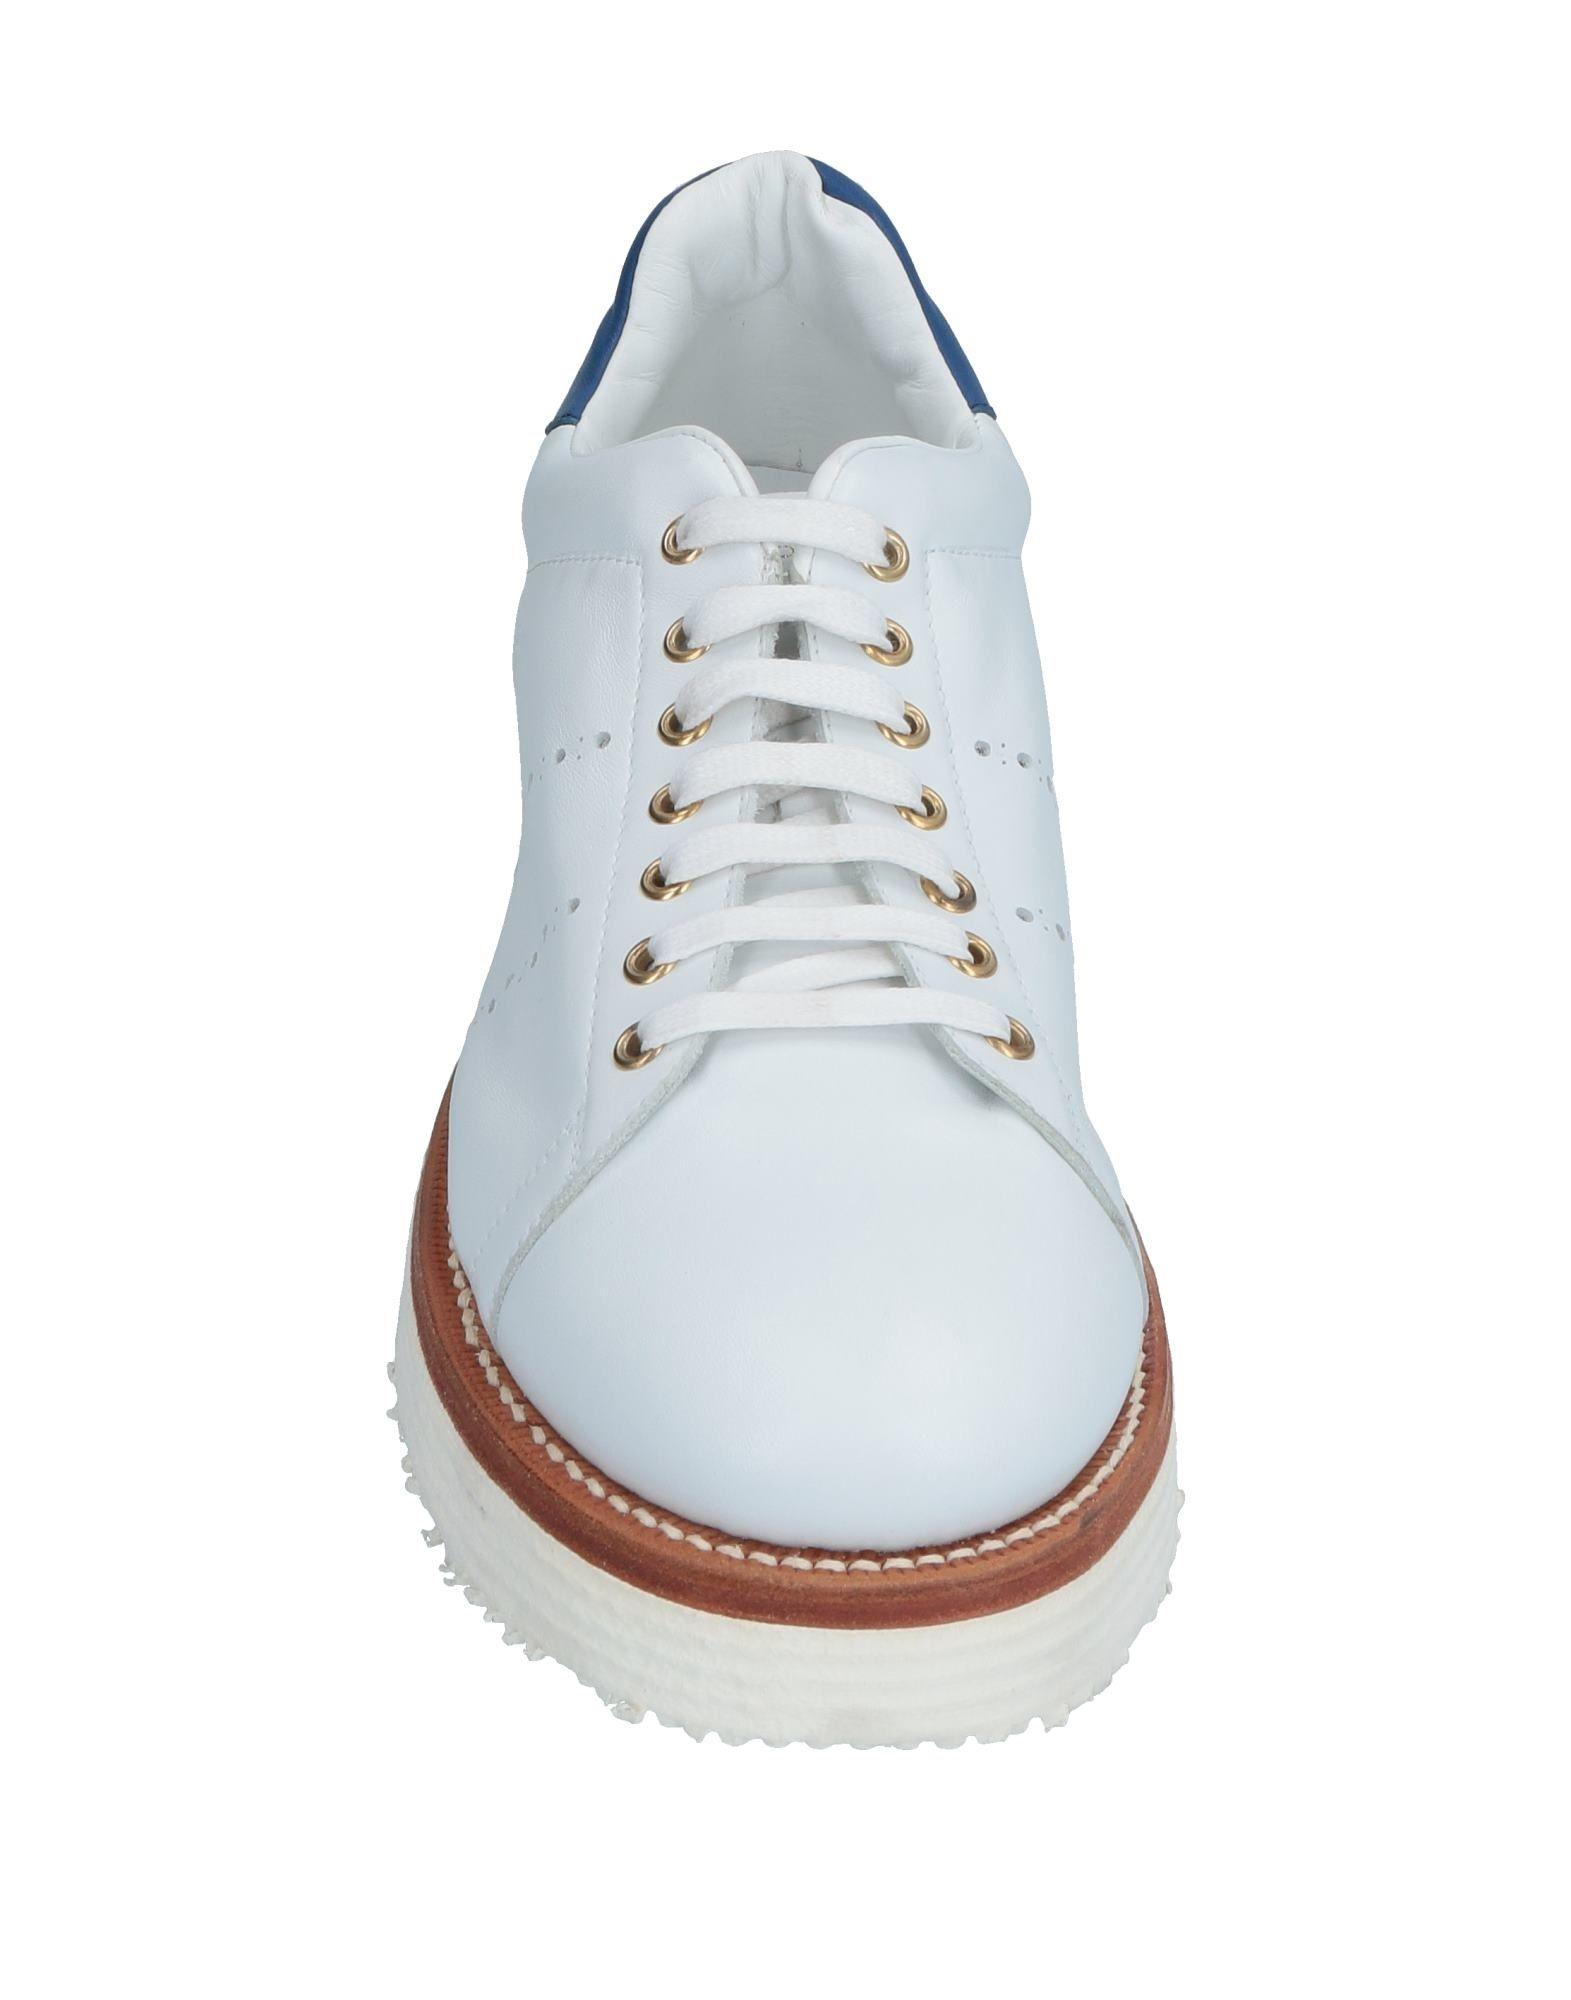 Cappelletti Cappelletti Cappelletti Sneakers Herren Gutes Preis-Leistungs-Verhältnis, es lohnt sich 2ffdbe